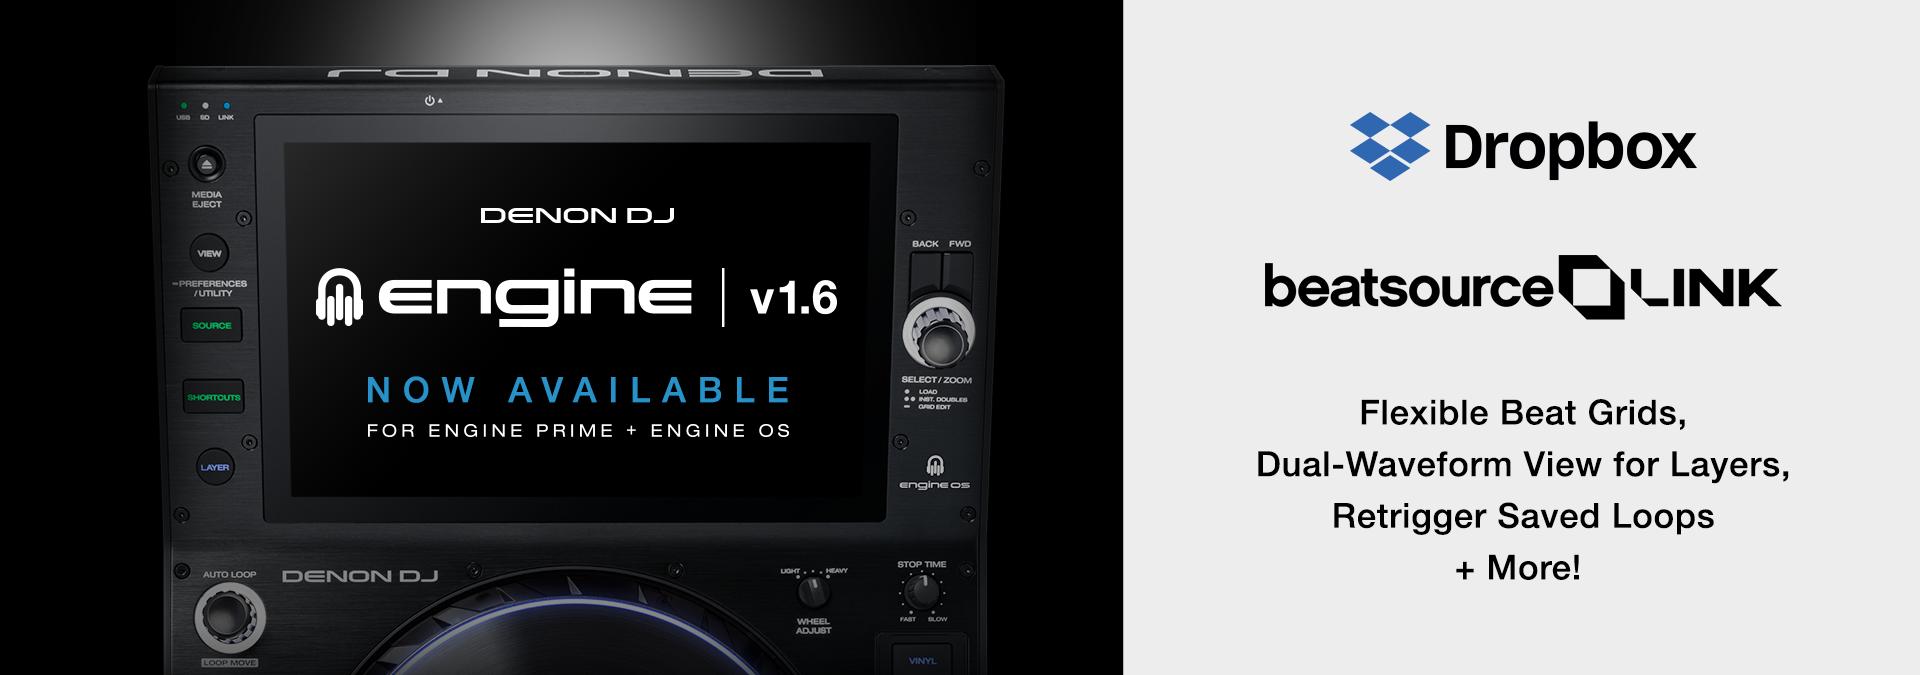 Engine OS v1.6 released